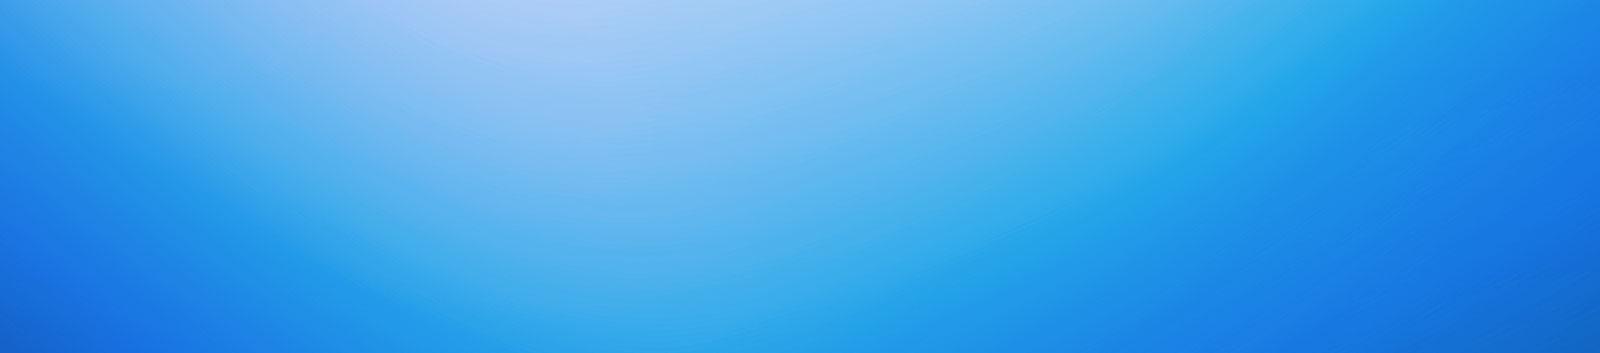 bright blue gradient header